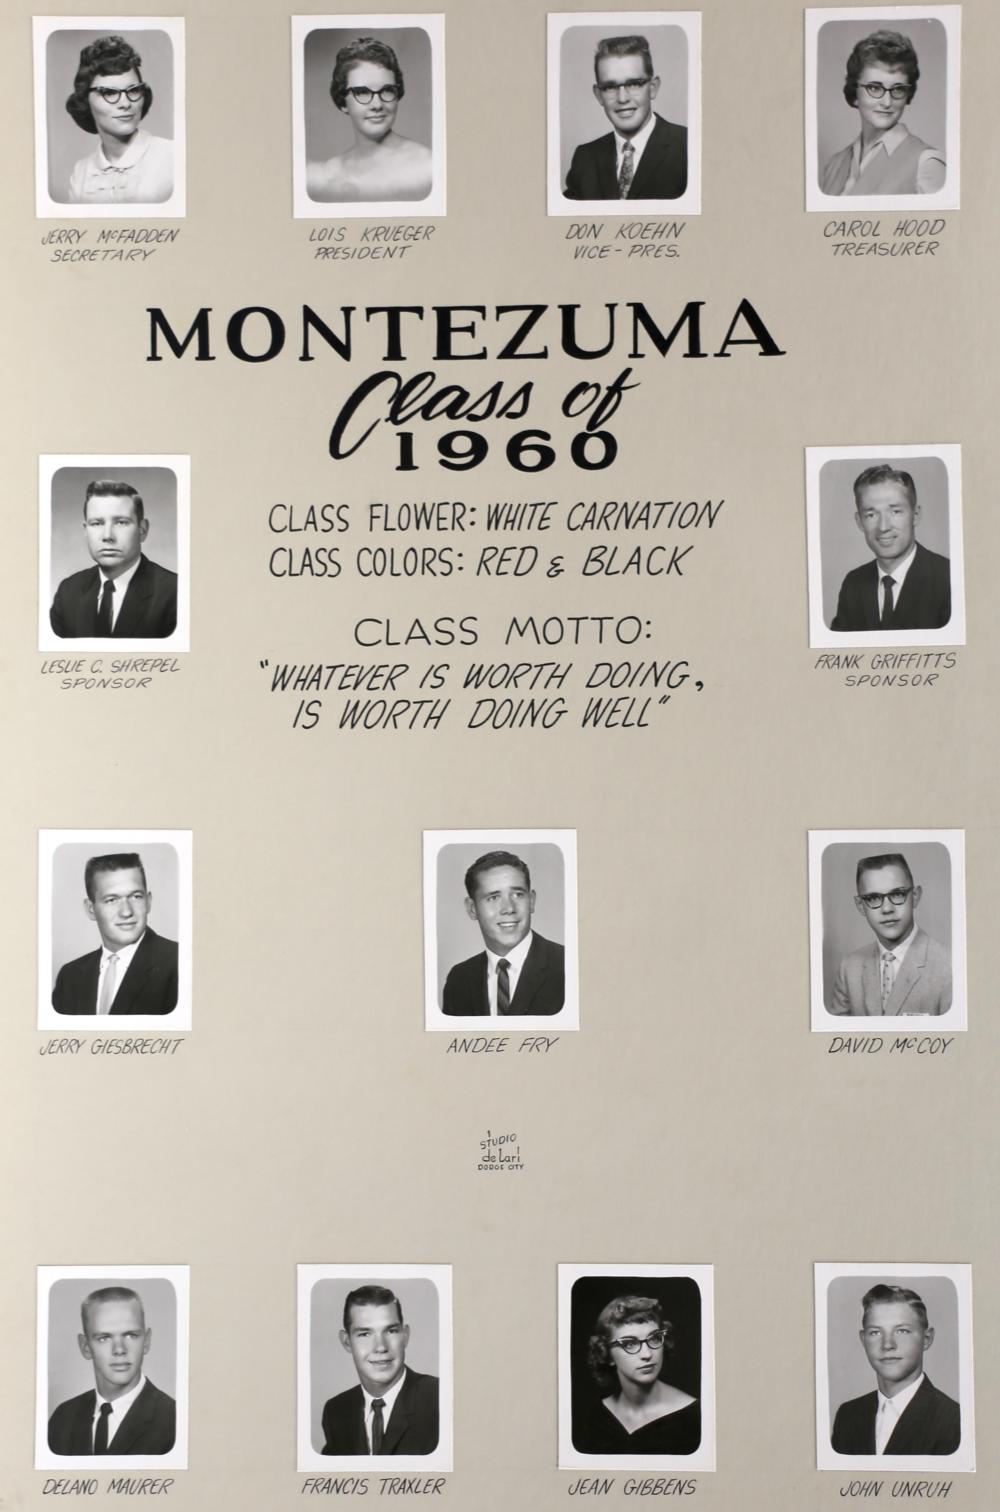 Montezuma GC 1960